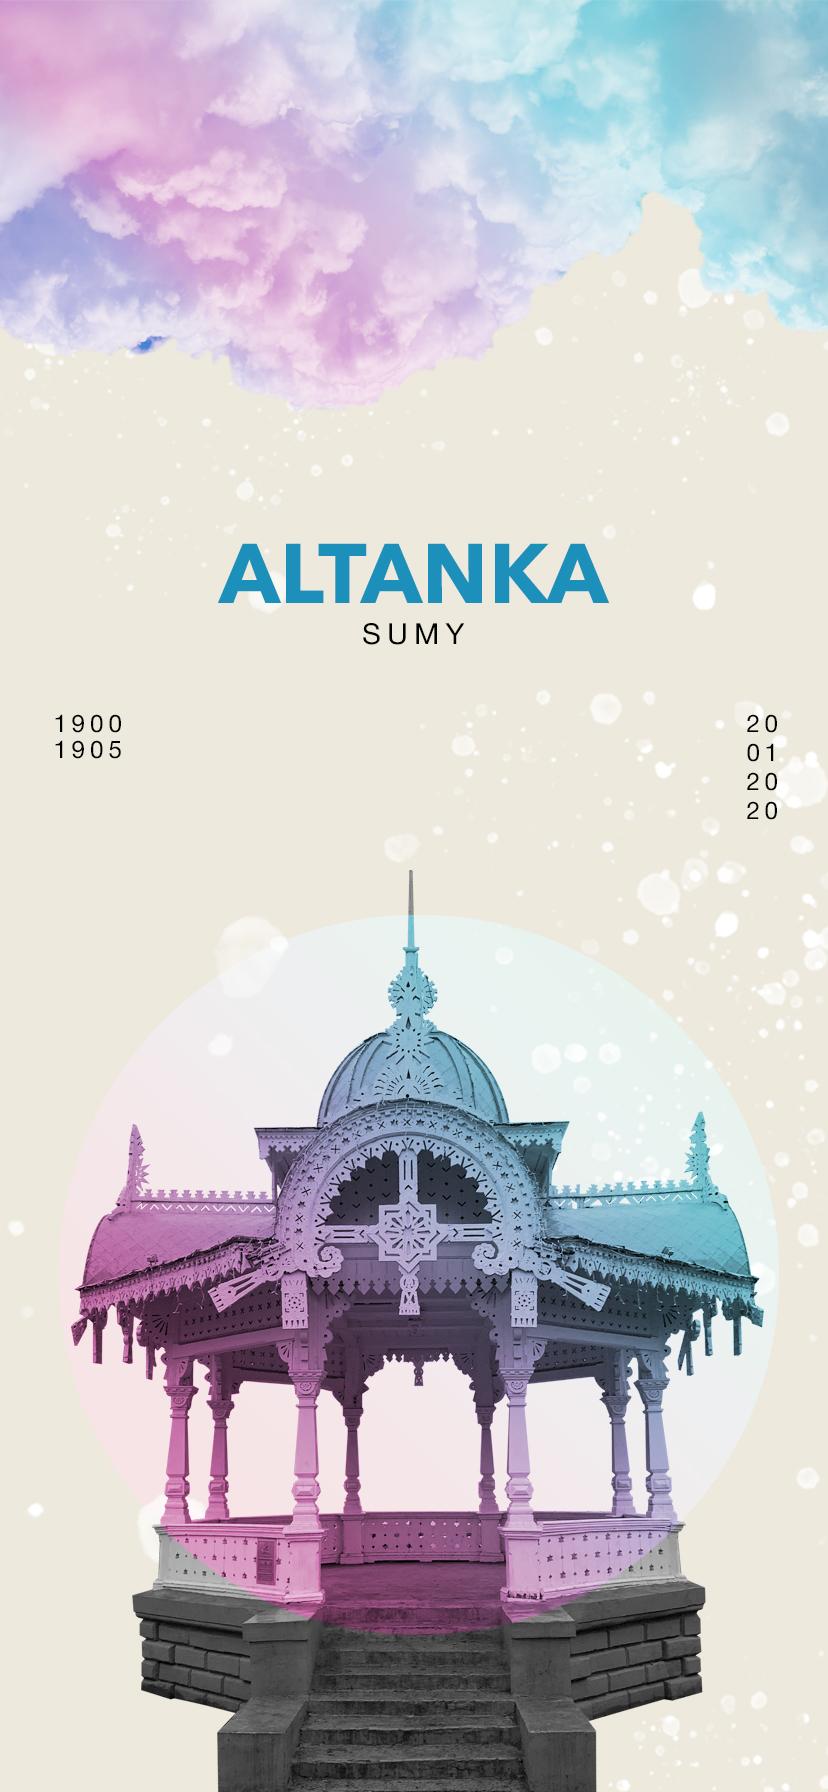 Altanka